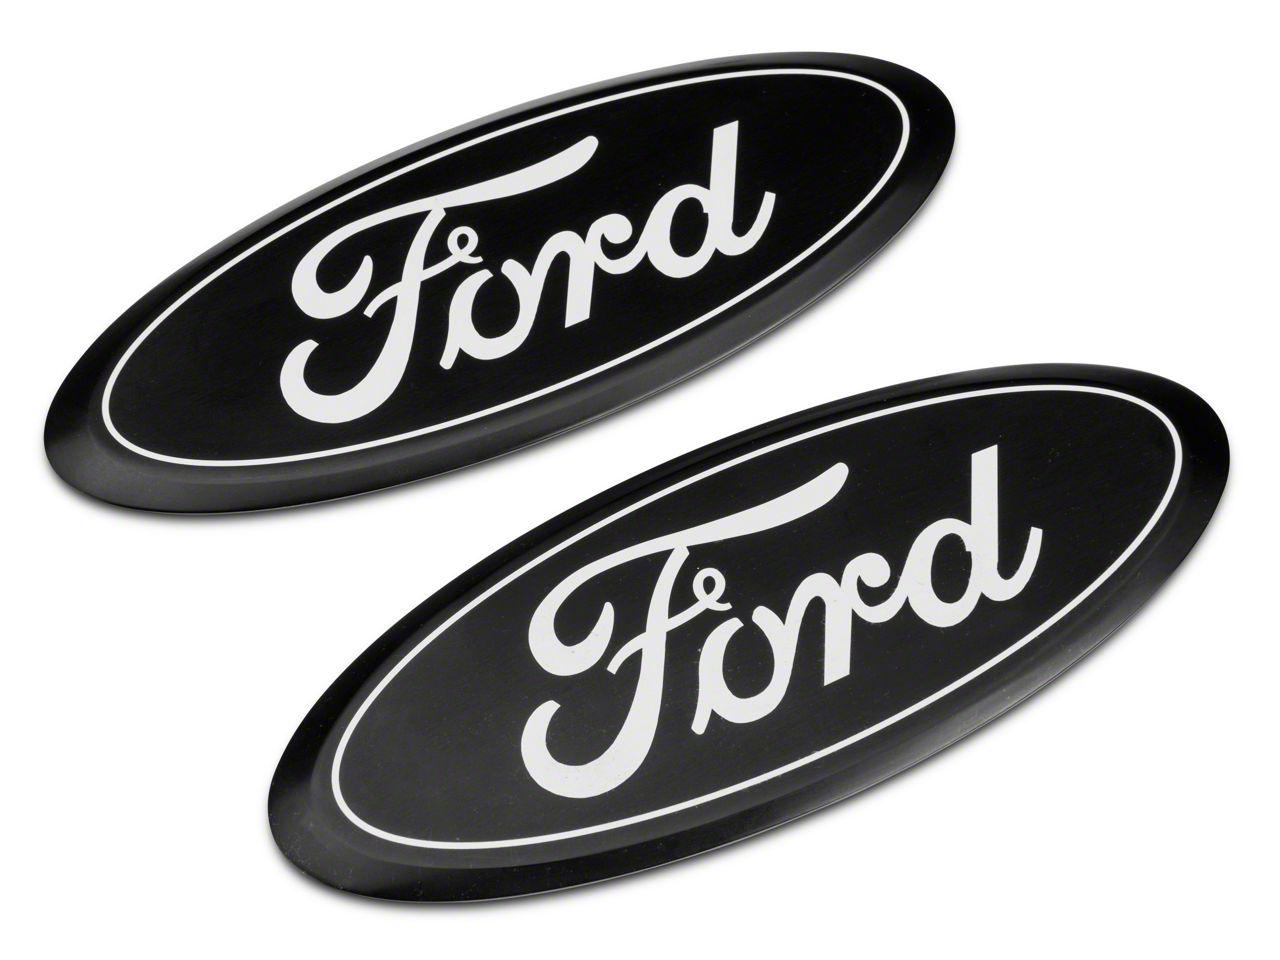 Putco Billet Aluminum Ford Oval Grille Emblem - Black (15-17 F-150)